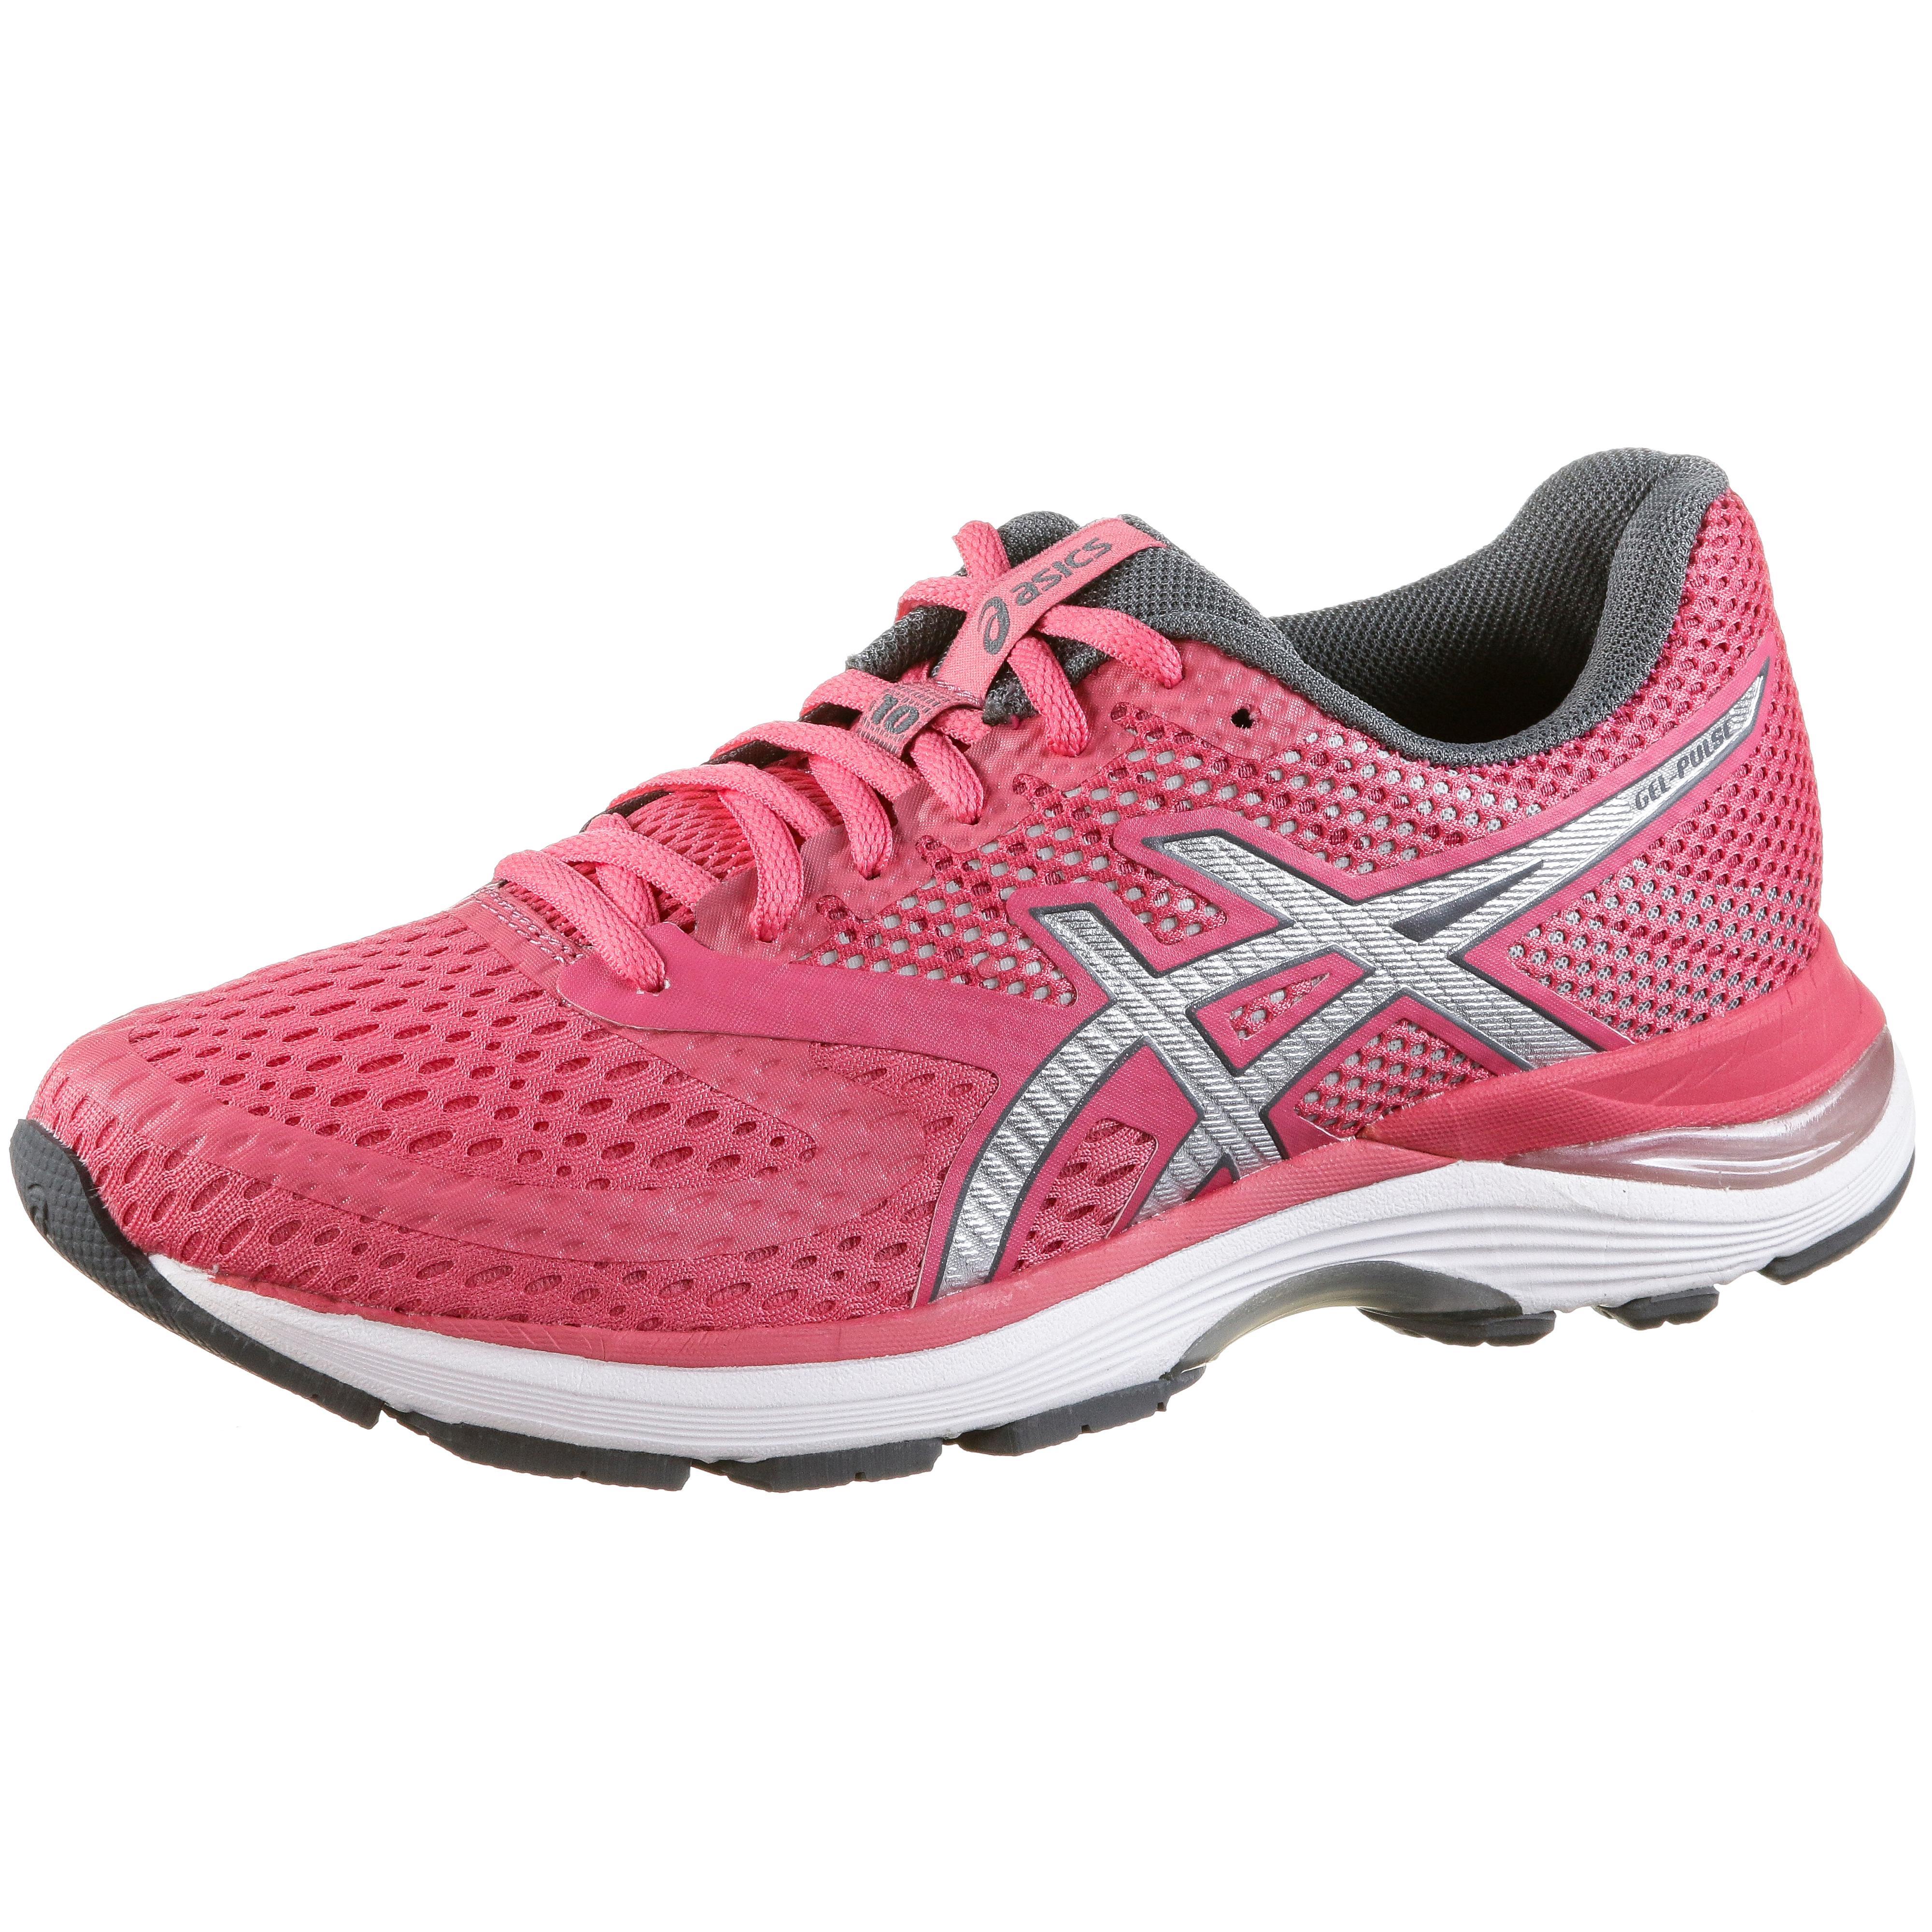 ASICS GEL PULSE 10 Laufschuhe Damen pink cameo silver im Online Shop von SportScheck kaufen